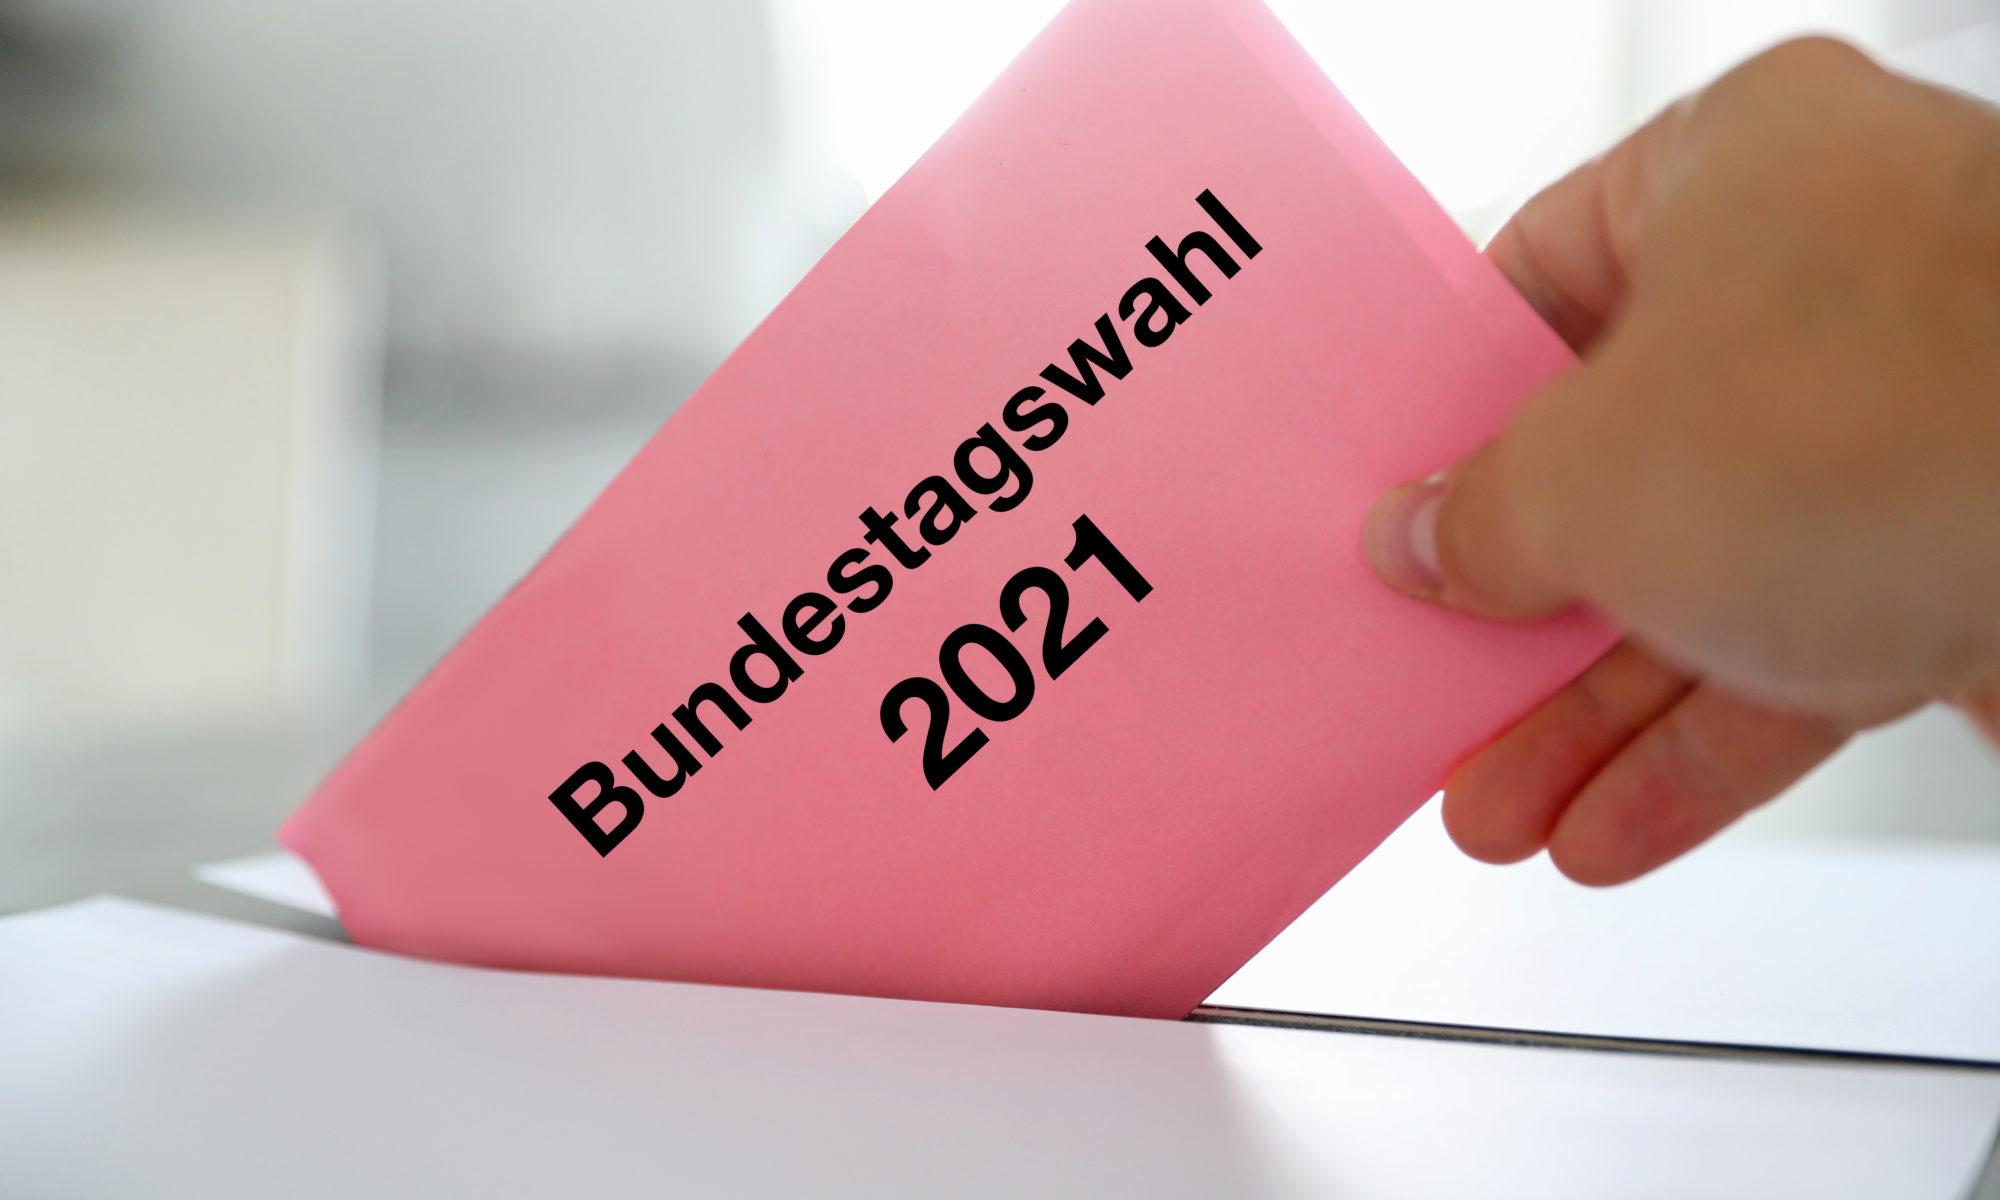 AdobeStock 422255283 2000x1200 - DAS sind die neuen Pläne der Parteien für Hartz IV